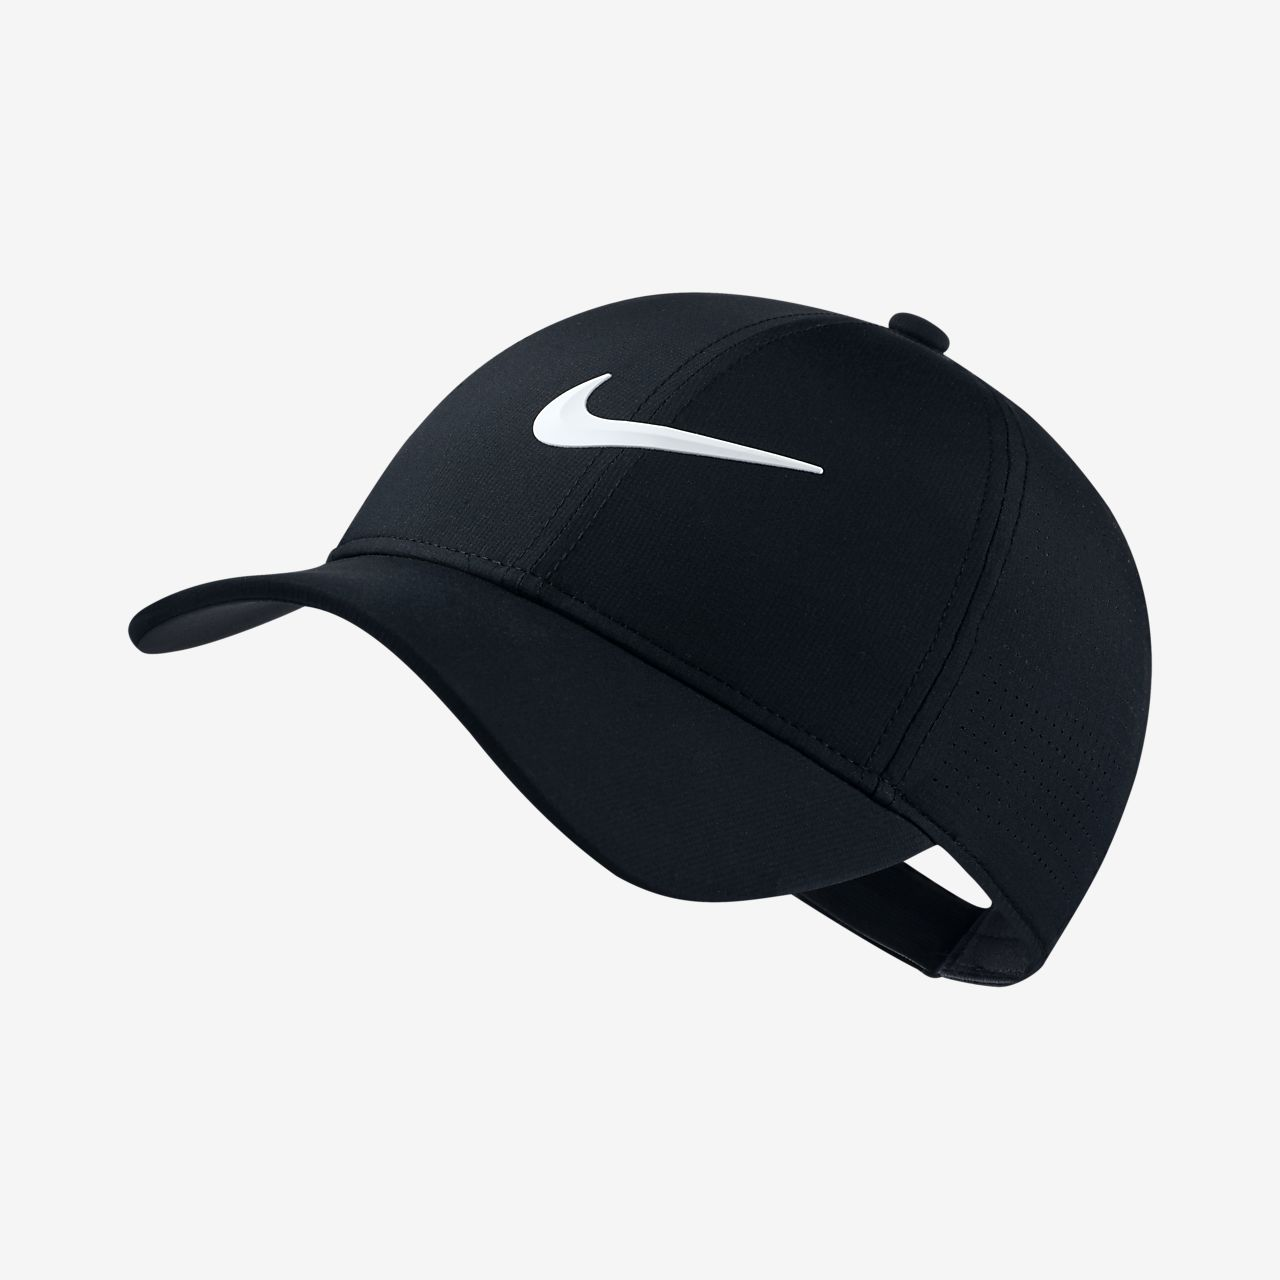 หมวกกอล์ฟปรับได้ Nike AeroBill Legacy 91